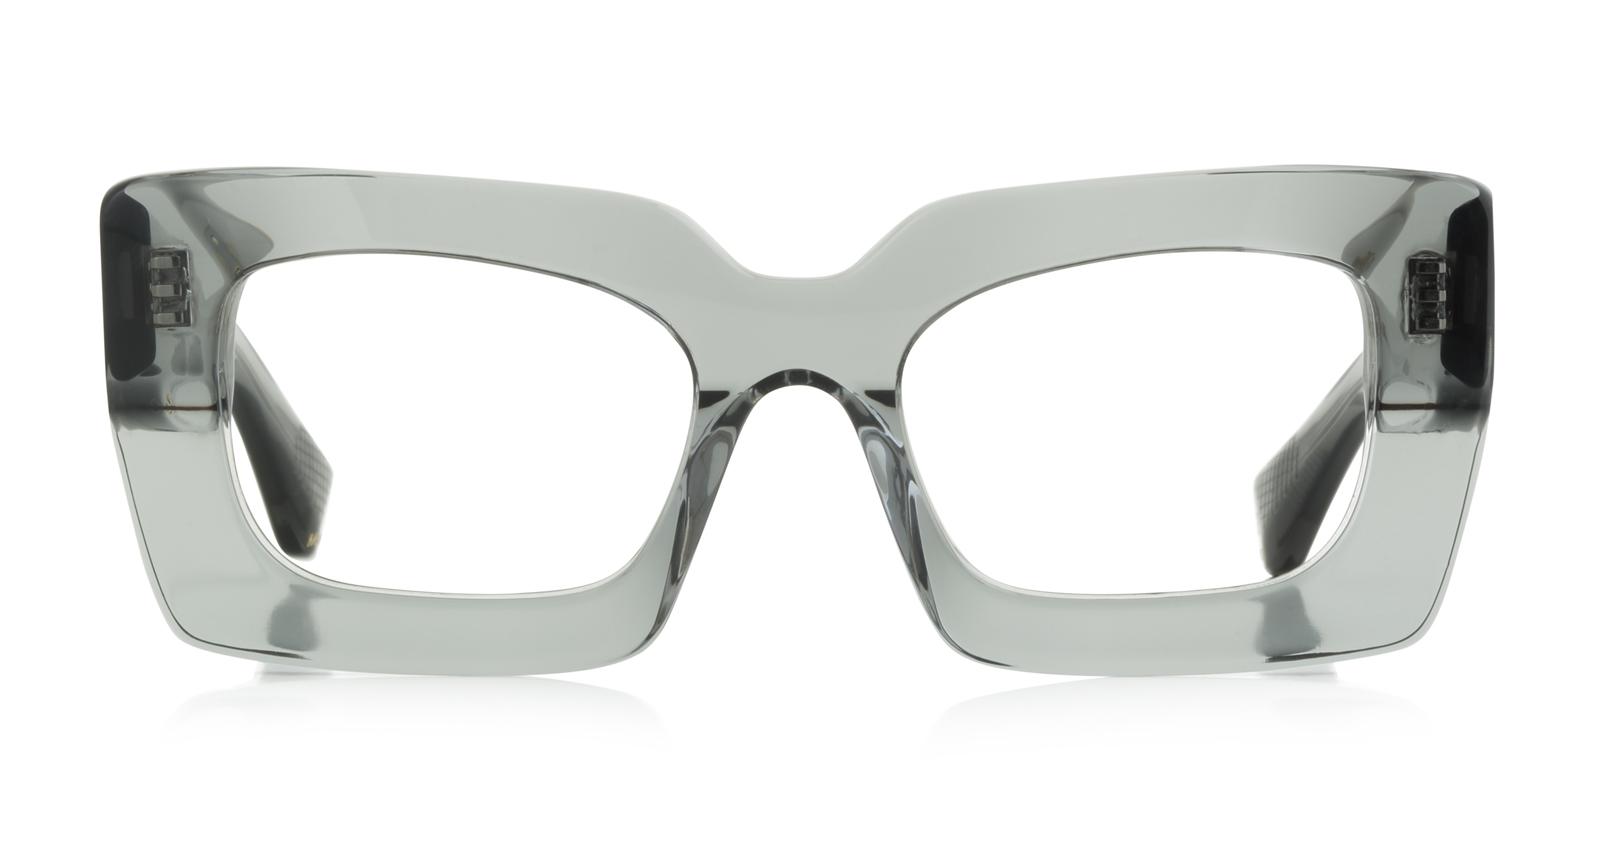 Robert La Roche - Optical Donnie CR006 05